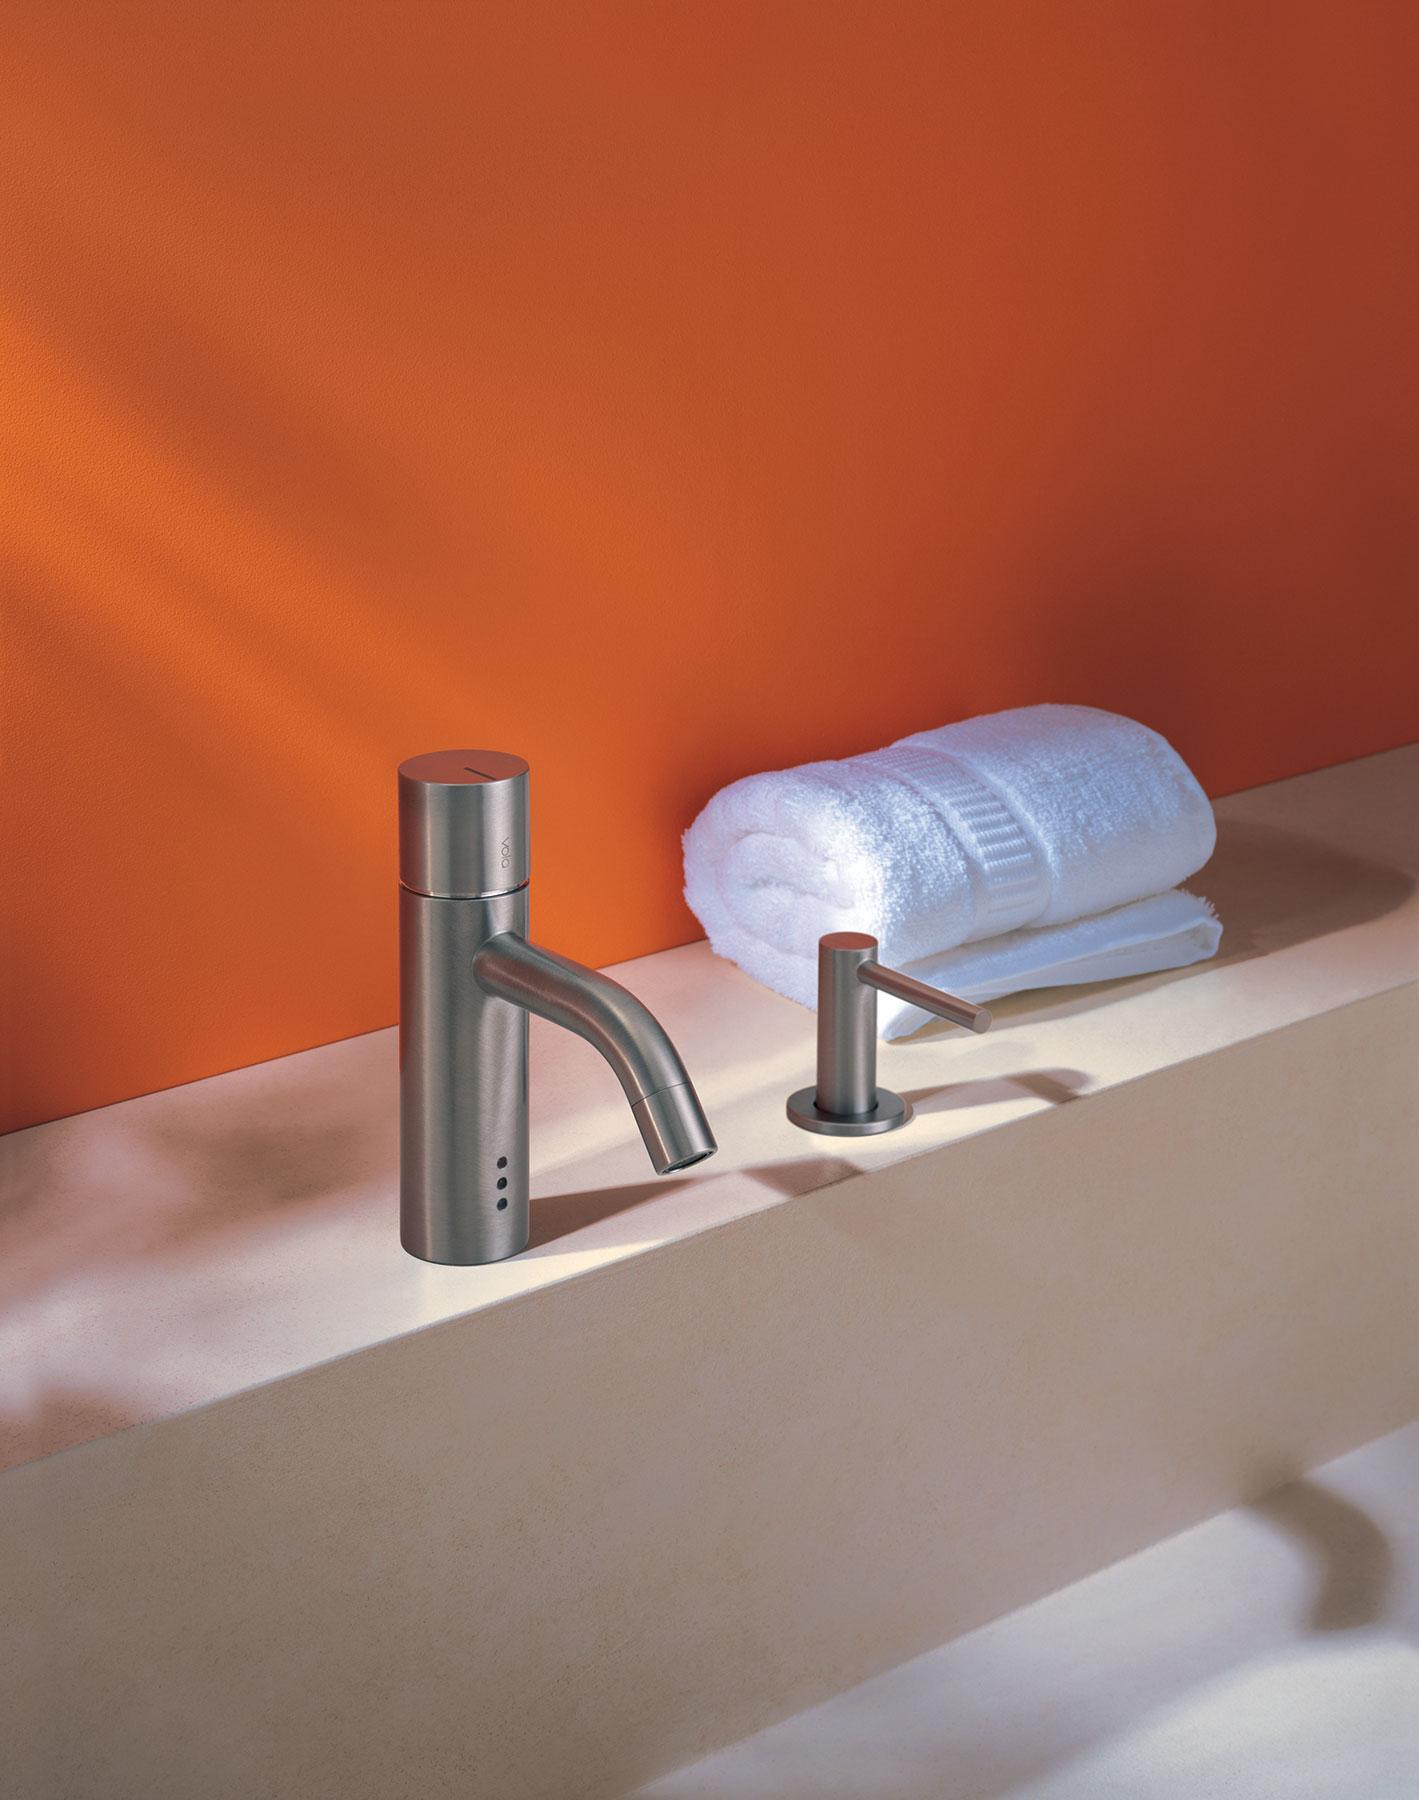 Modern Vola Deck Mount Faucet Set